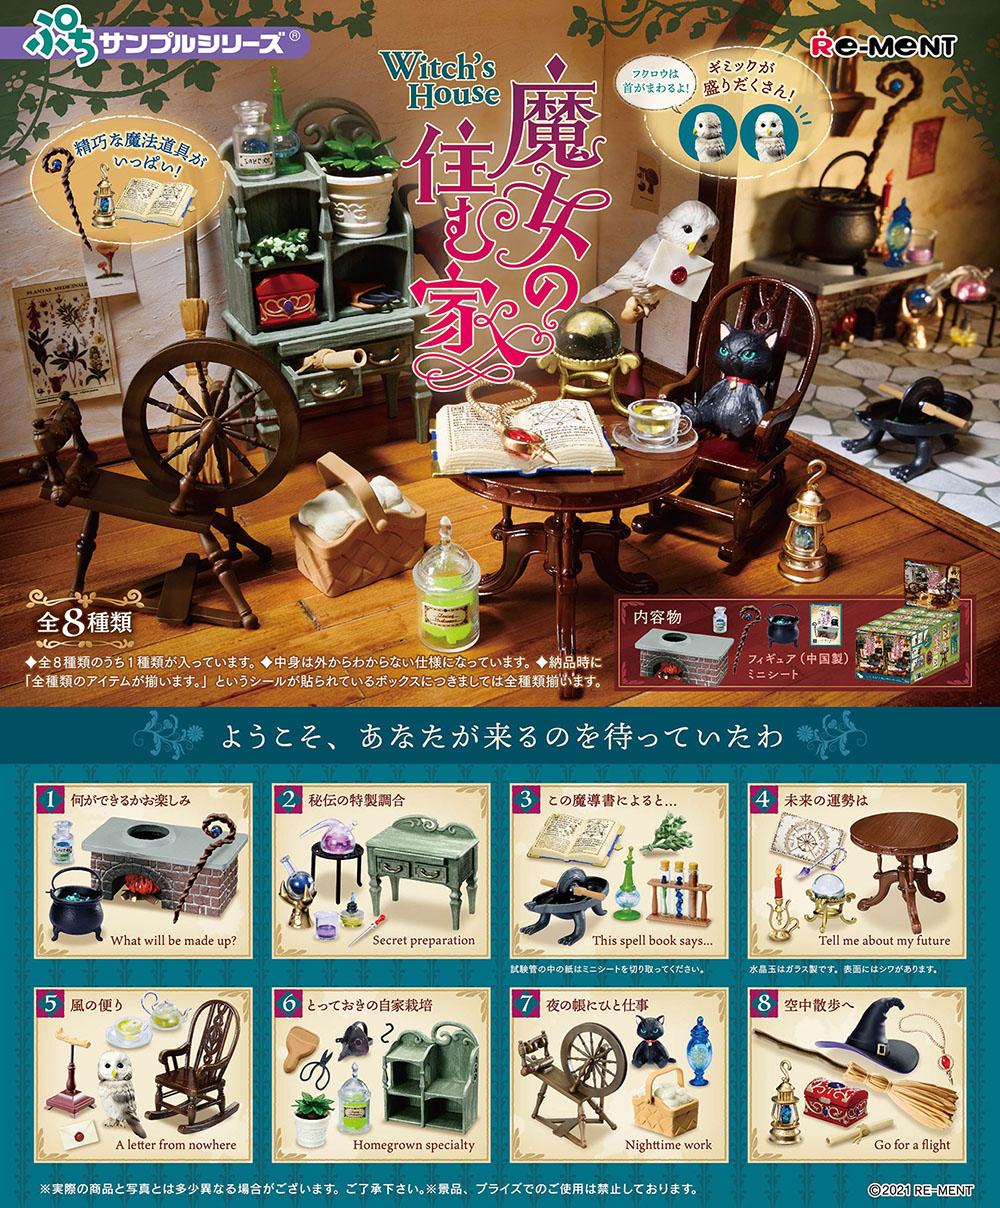 ぷちサンプル『魔女の住む家』8個入りBOX-001